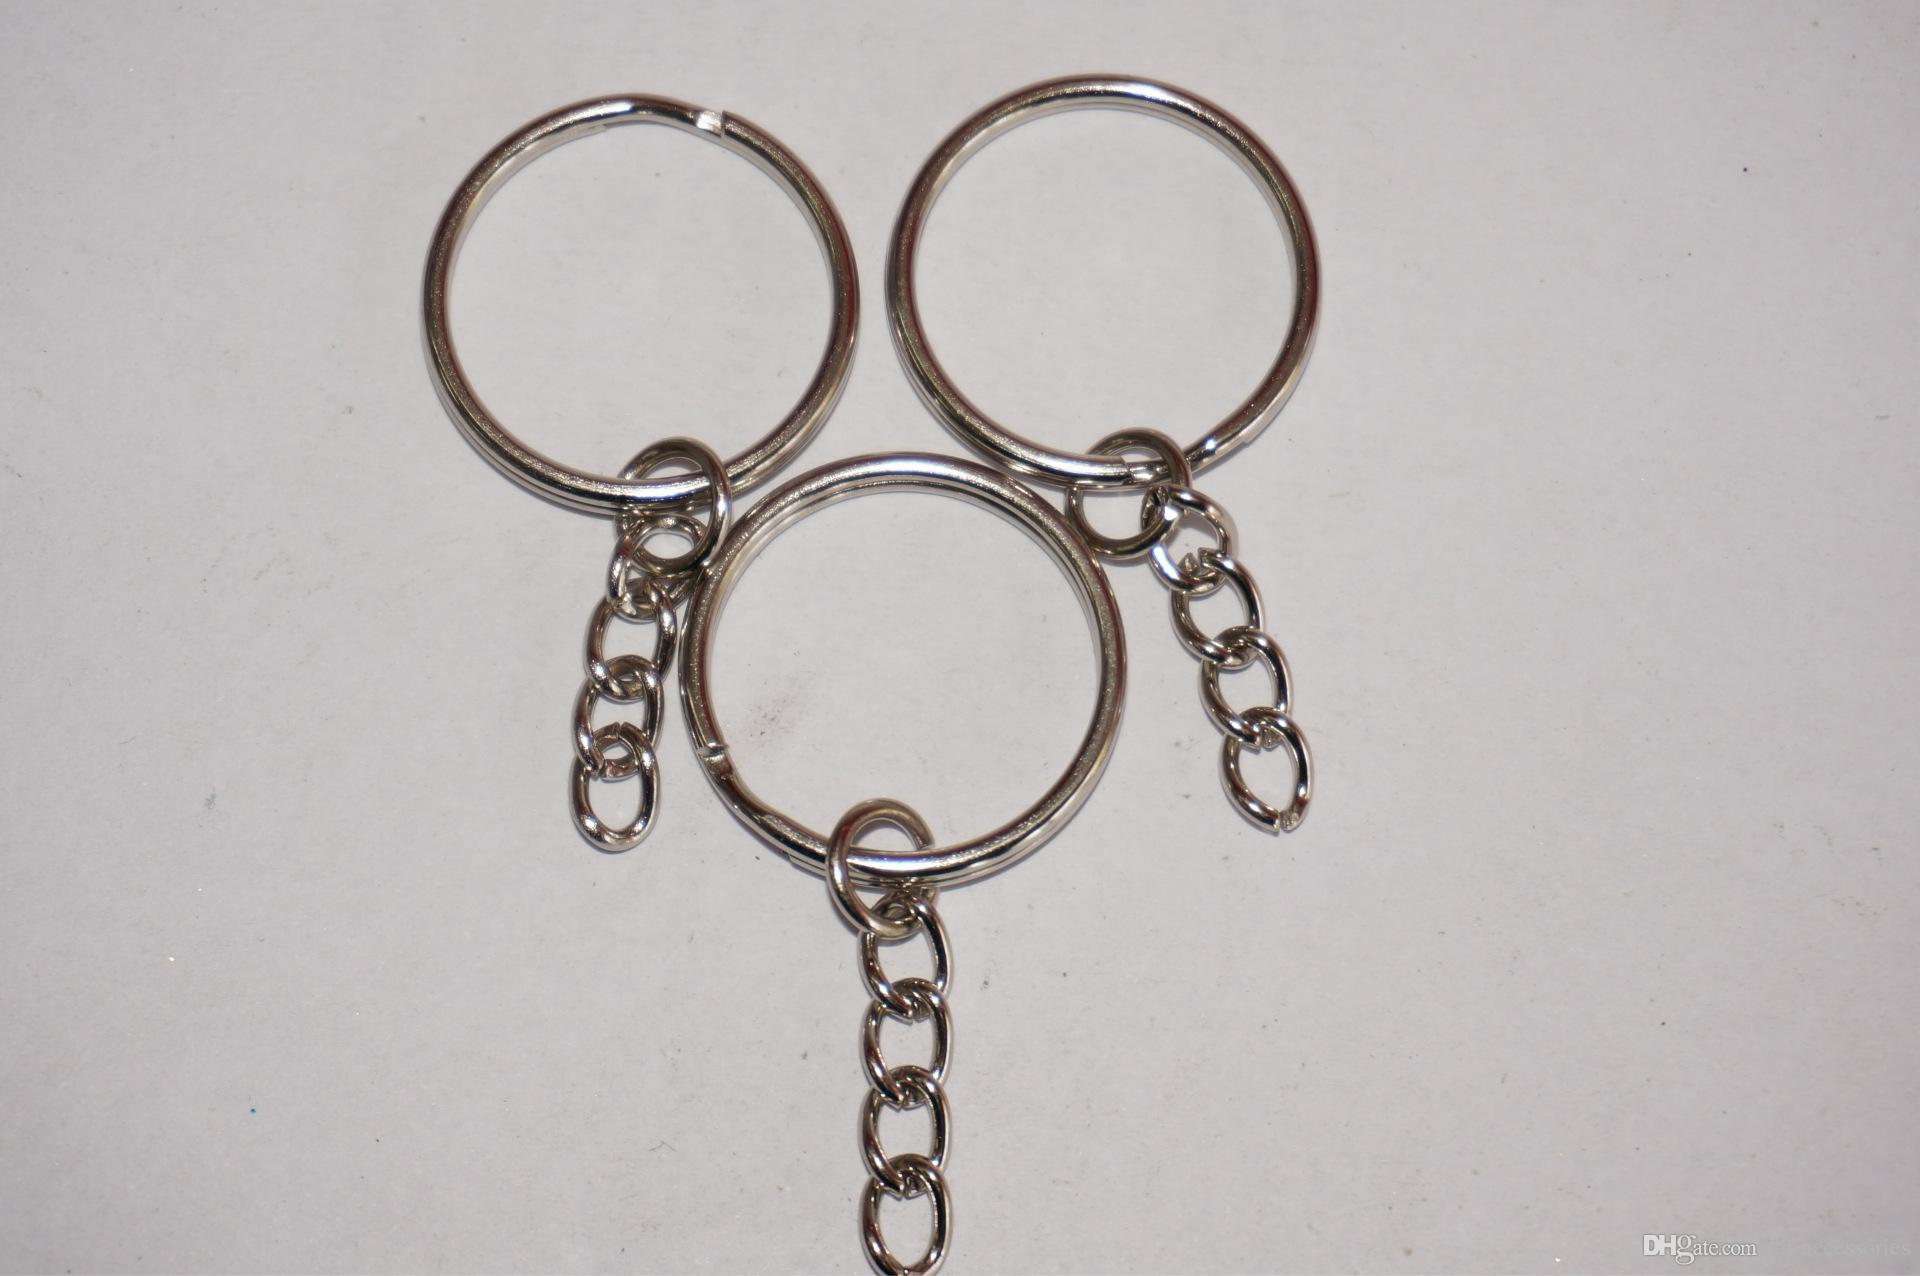 Sıcak ! Gümüş Ton Zincir anahtar Halka DIY Takı Yapımı Bulguları 25mm